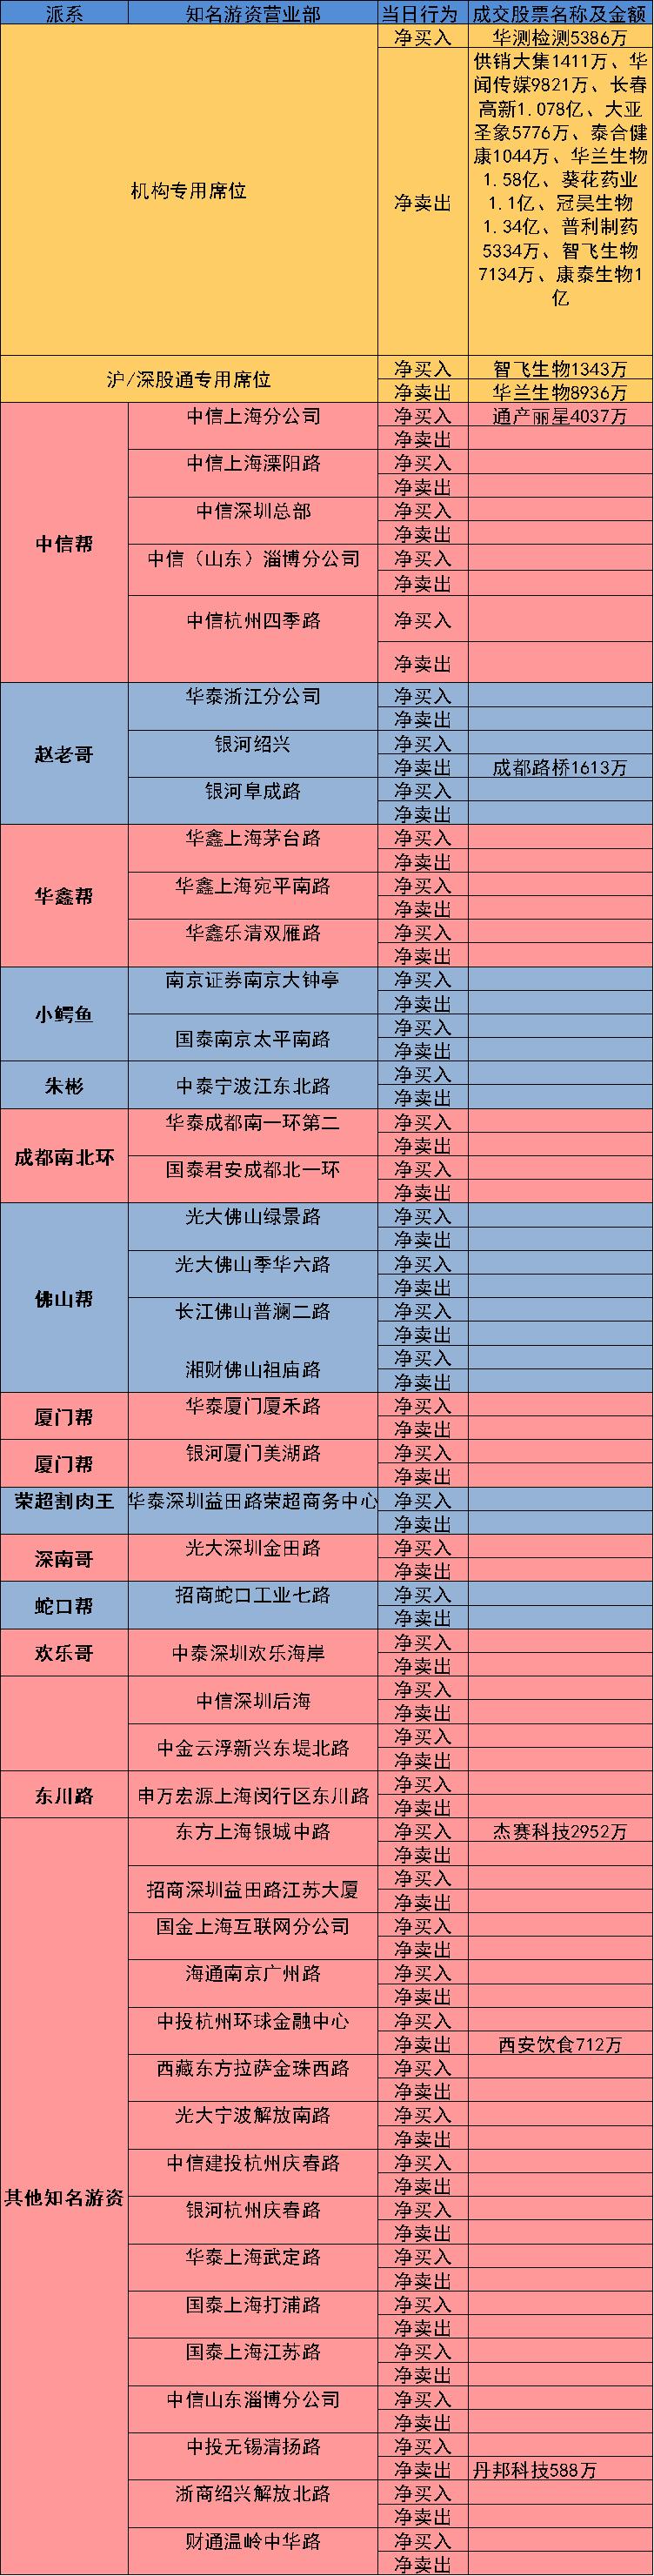 7.23 知名游资营业部龙虎榜 24小时热文排行